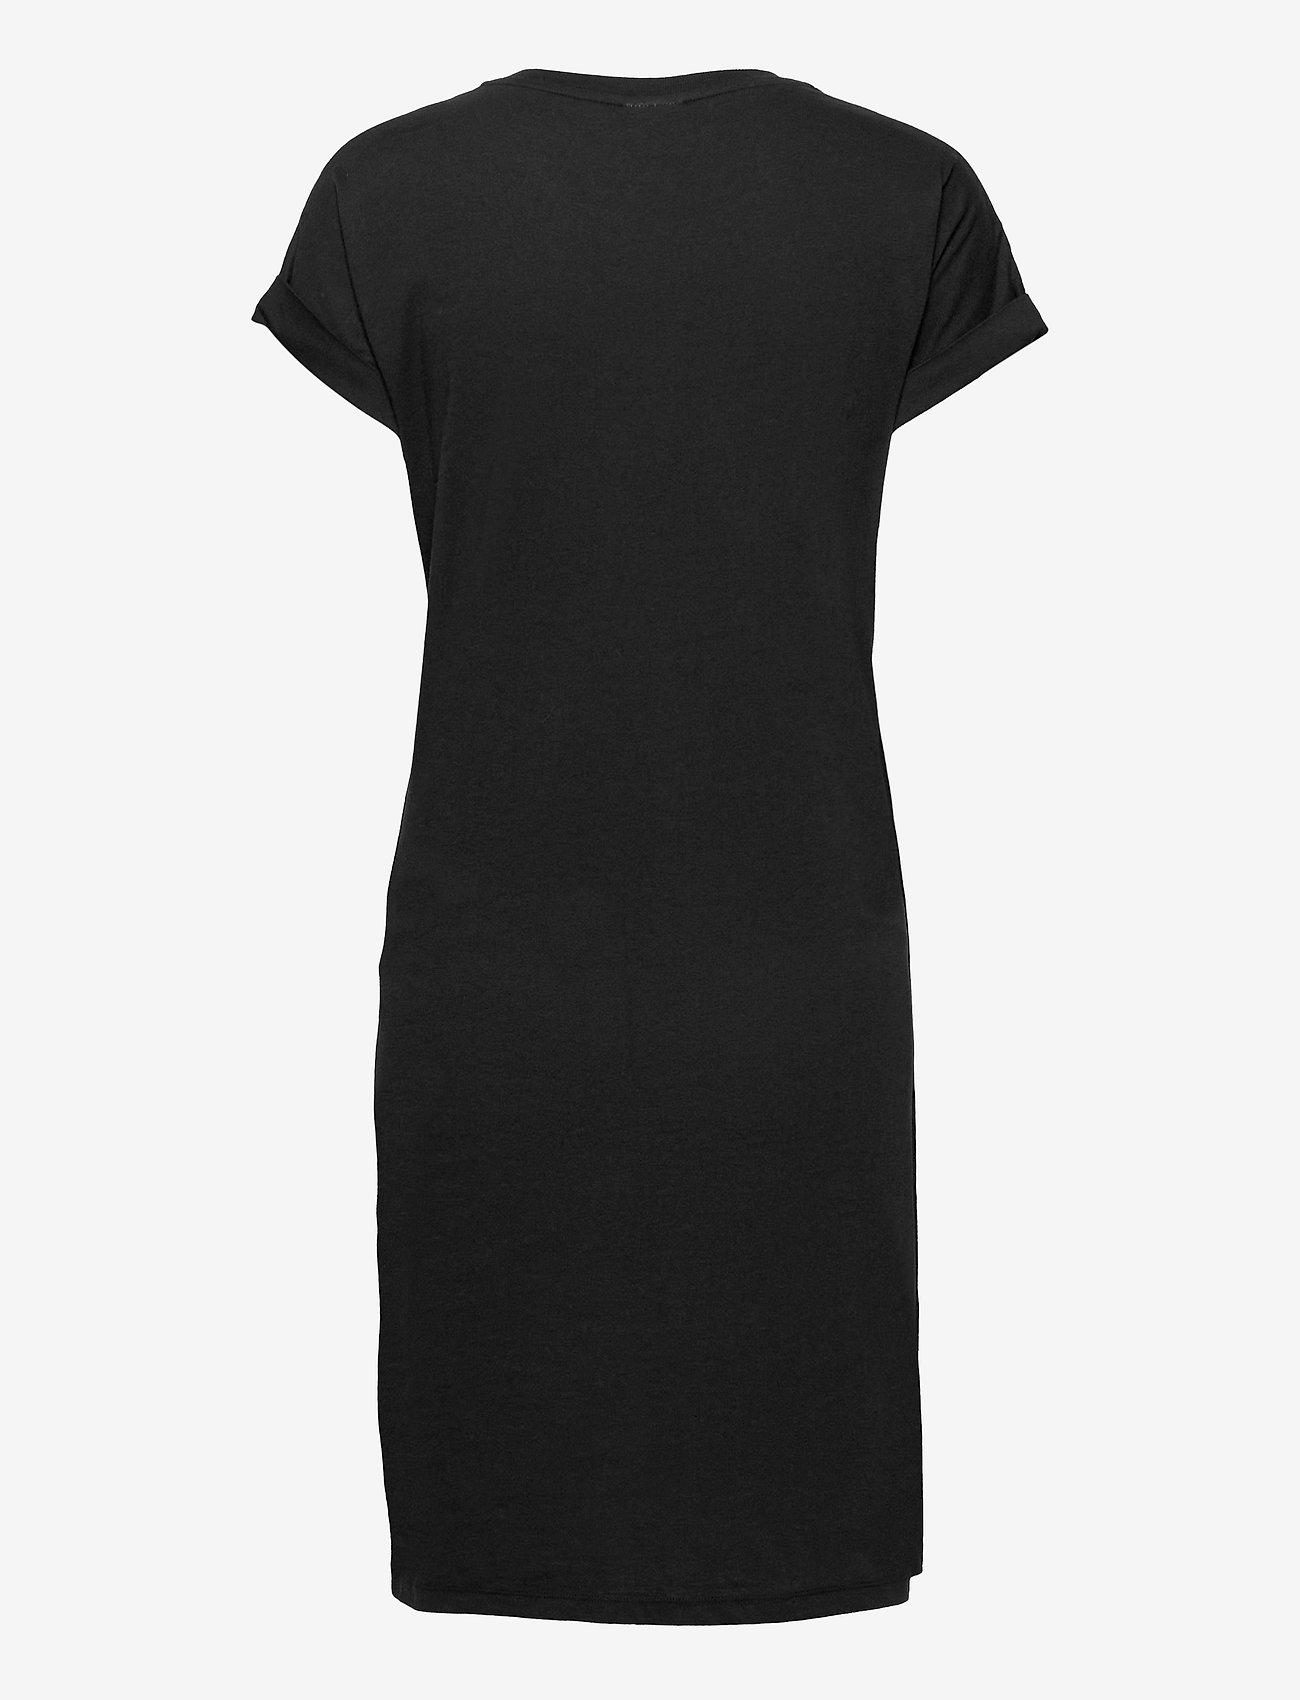 Boob - The-shirt dress - sommerkjoler - black - 1